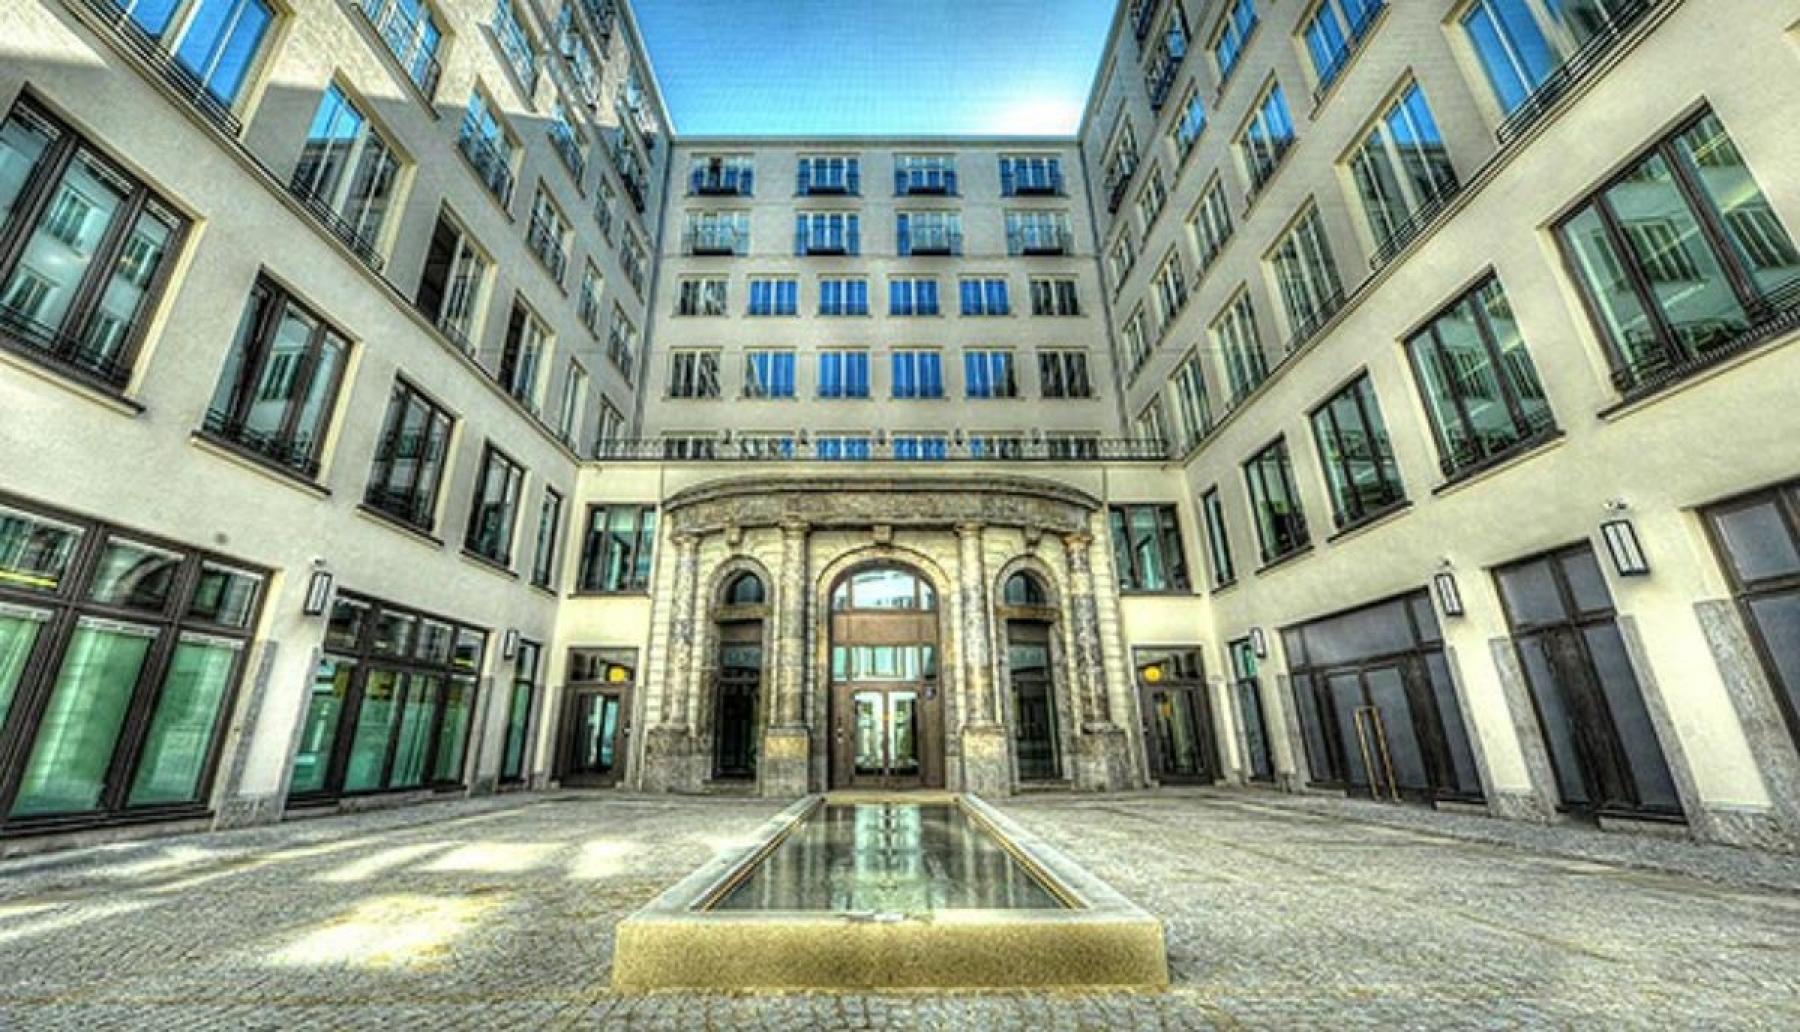 Atemberaubender Innenhof der Immobilie an der Maximilianstraße in München